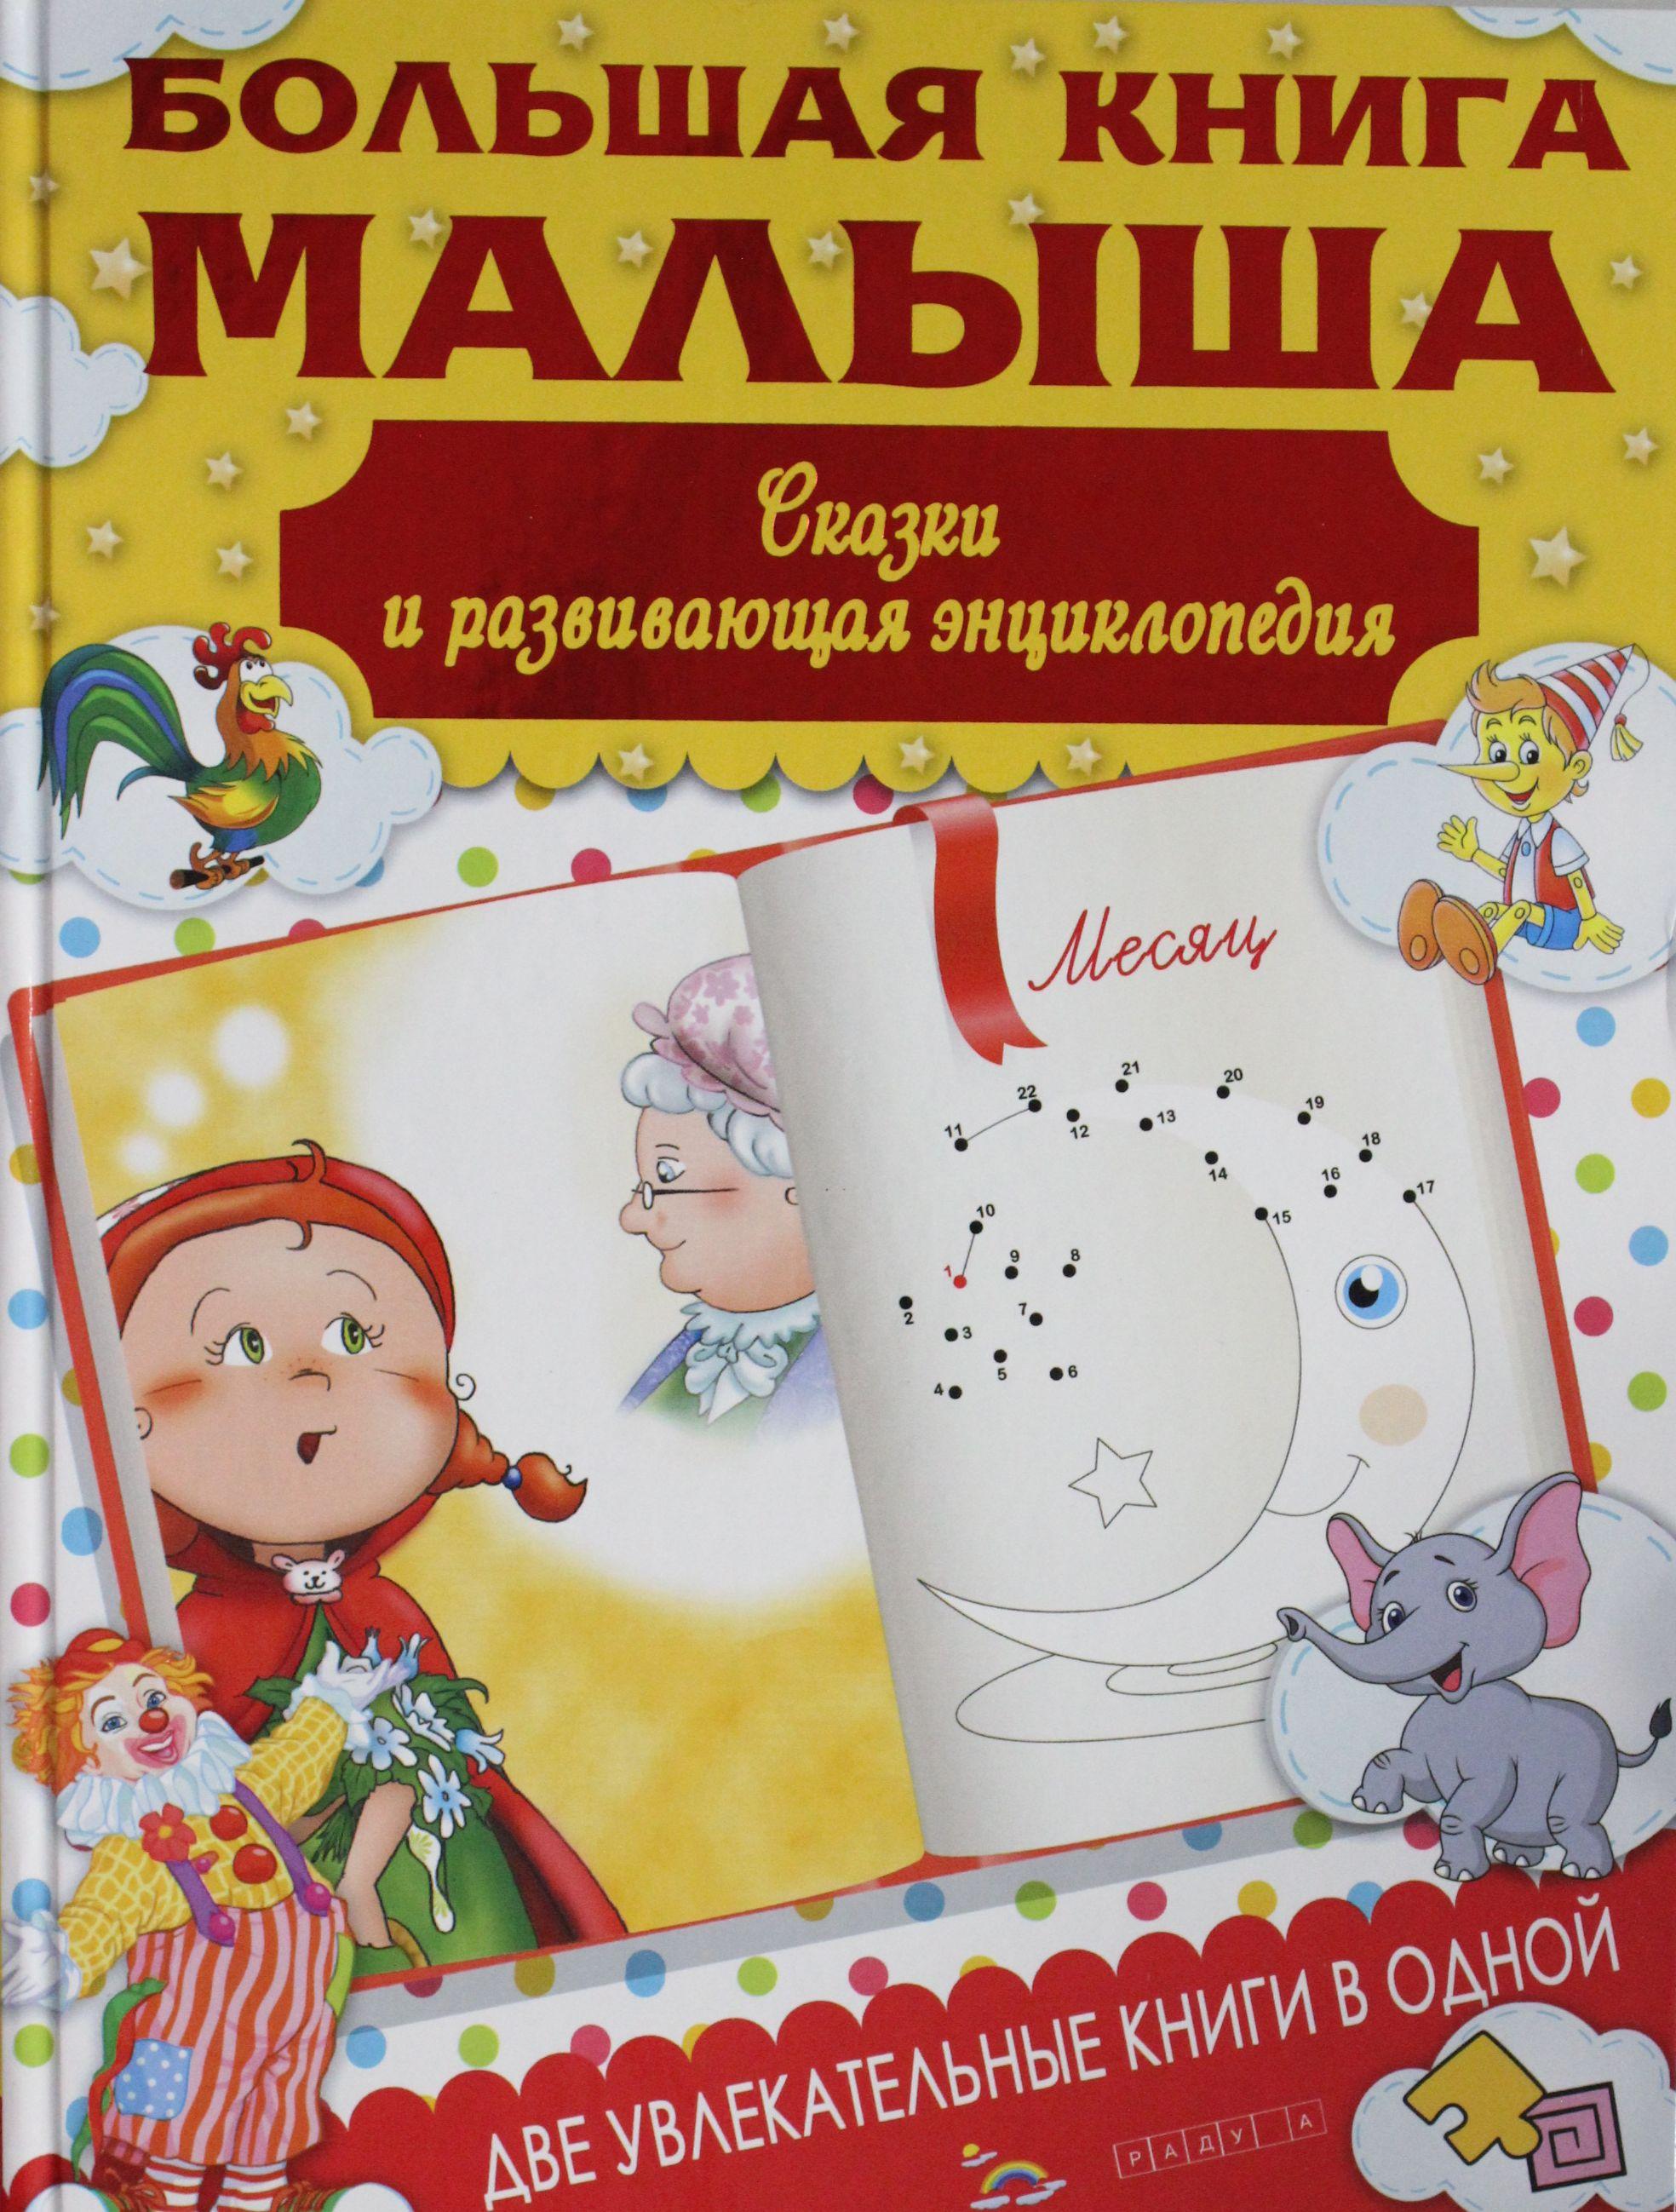 Bolshaja kniga malysha. Skazki i detskaja entsiklopedija v odnoj knige